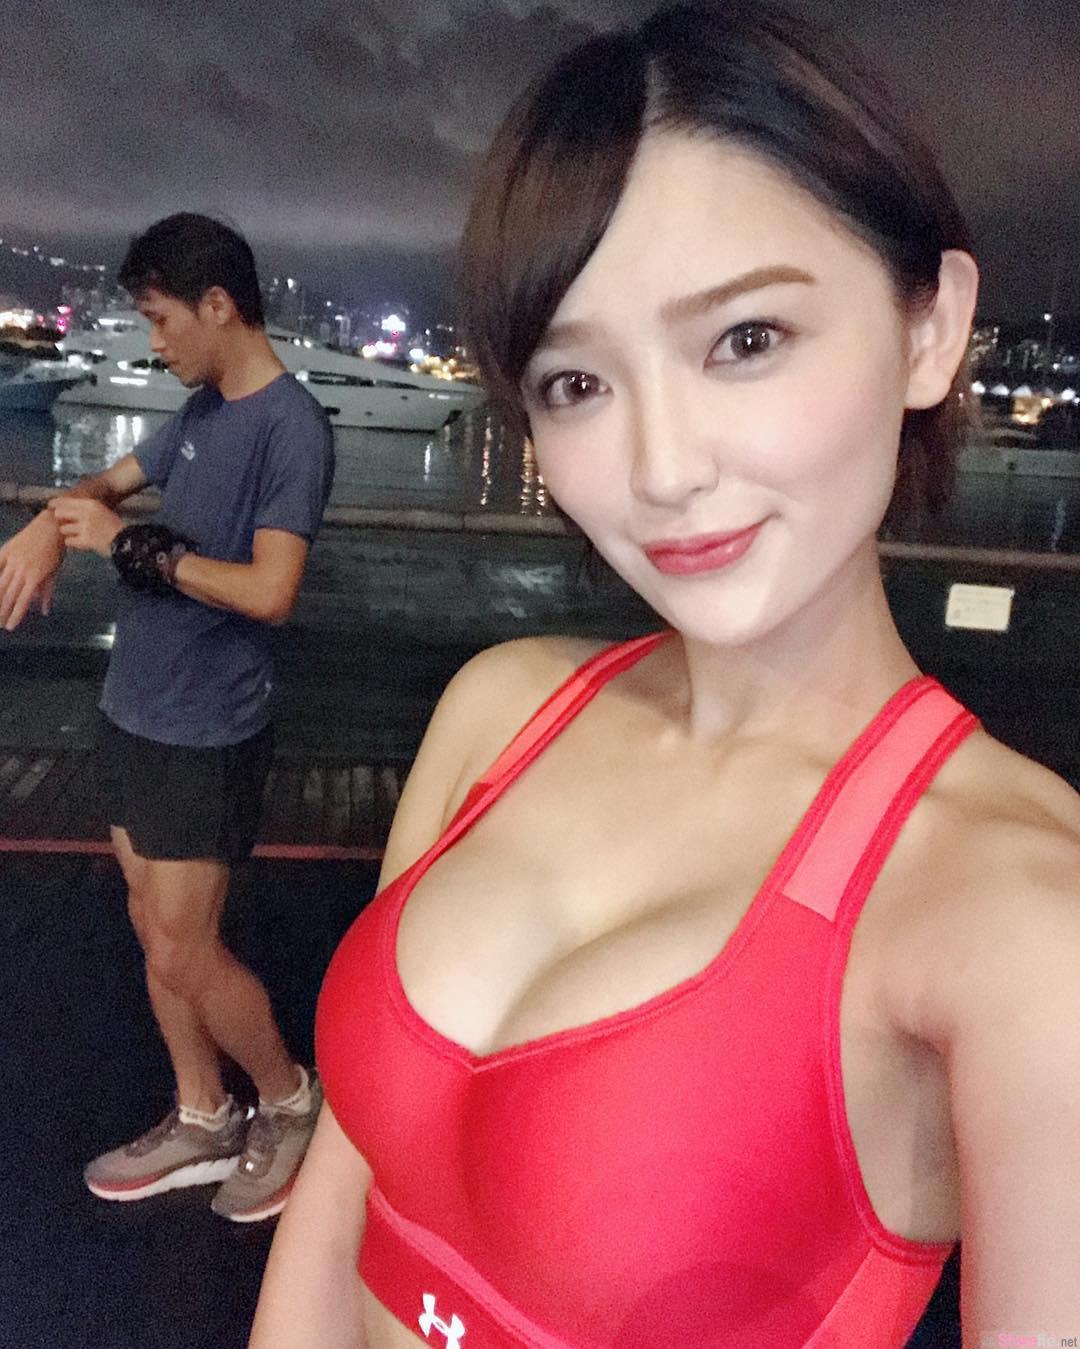 香港正妹程美段 Kiwi,超犯规全裸写真流出